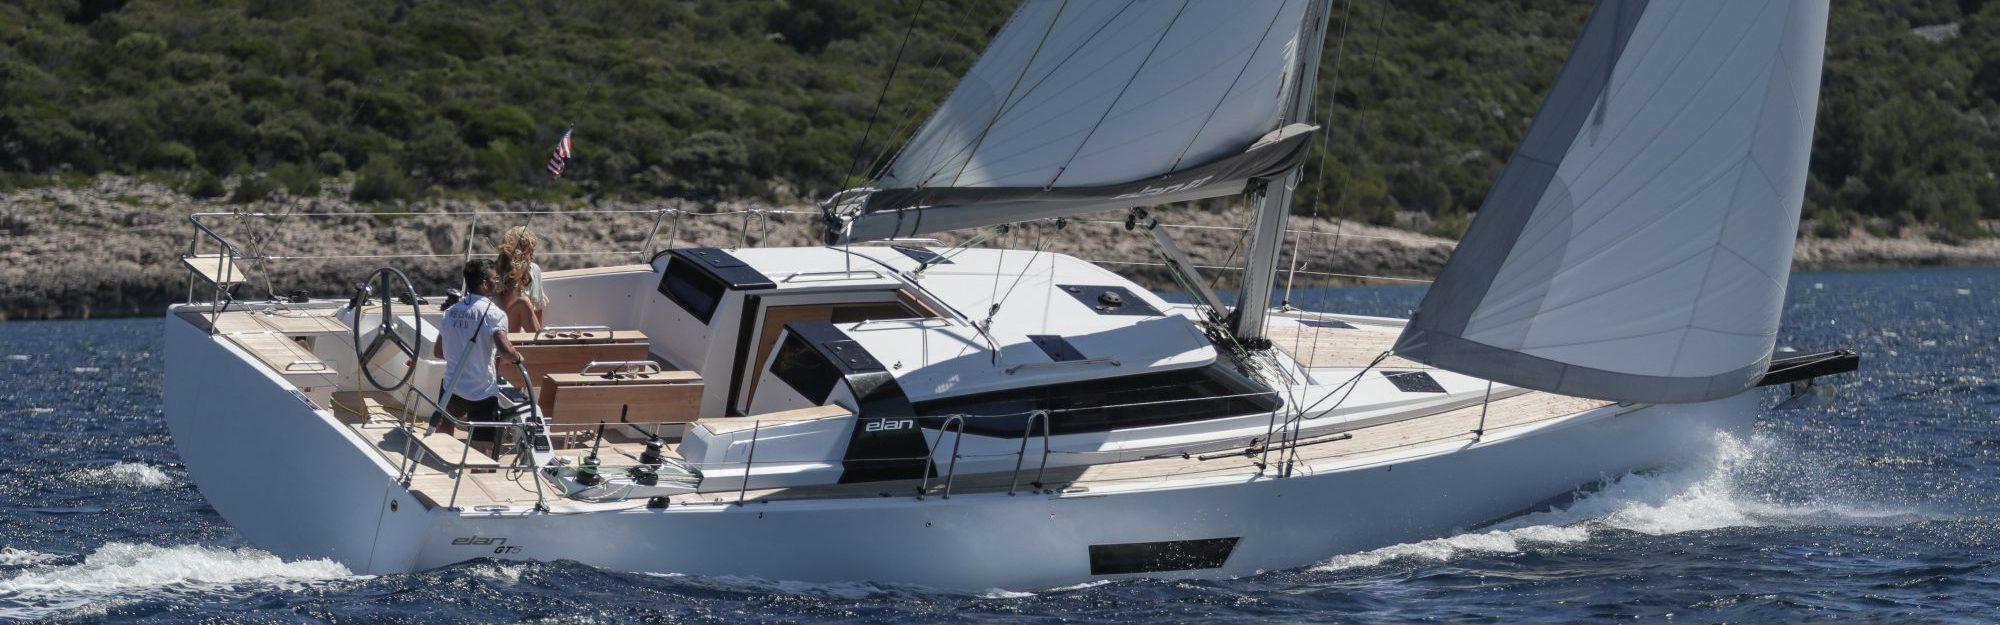 Elan GT5 sailing